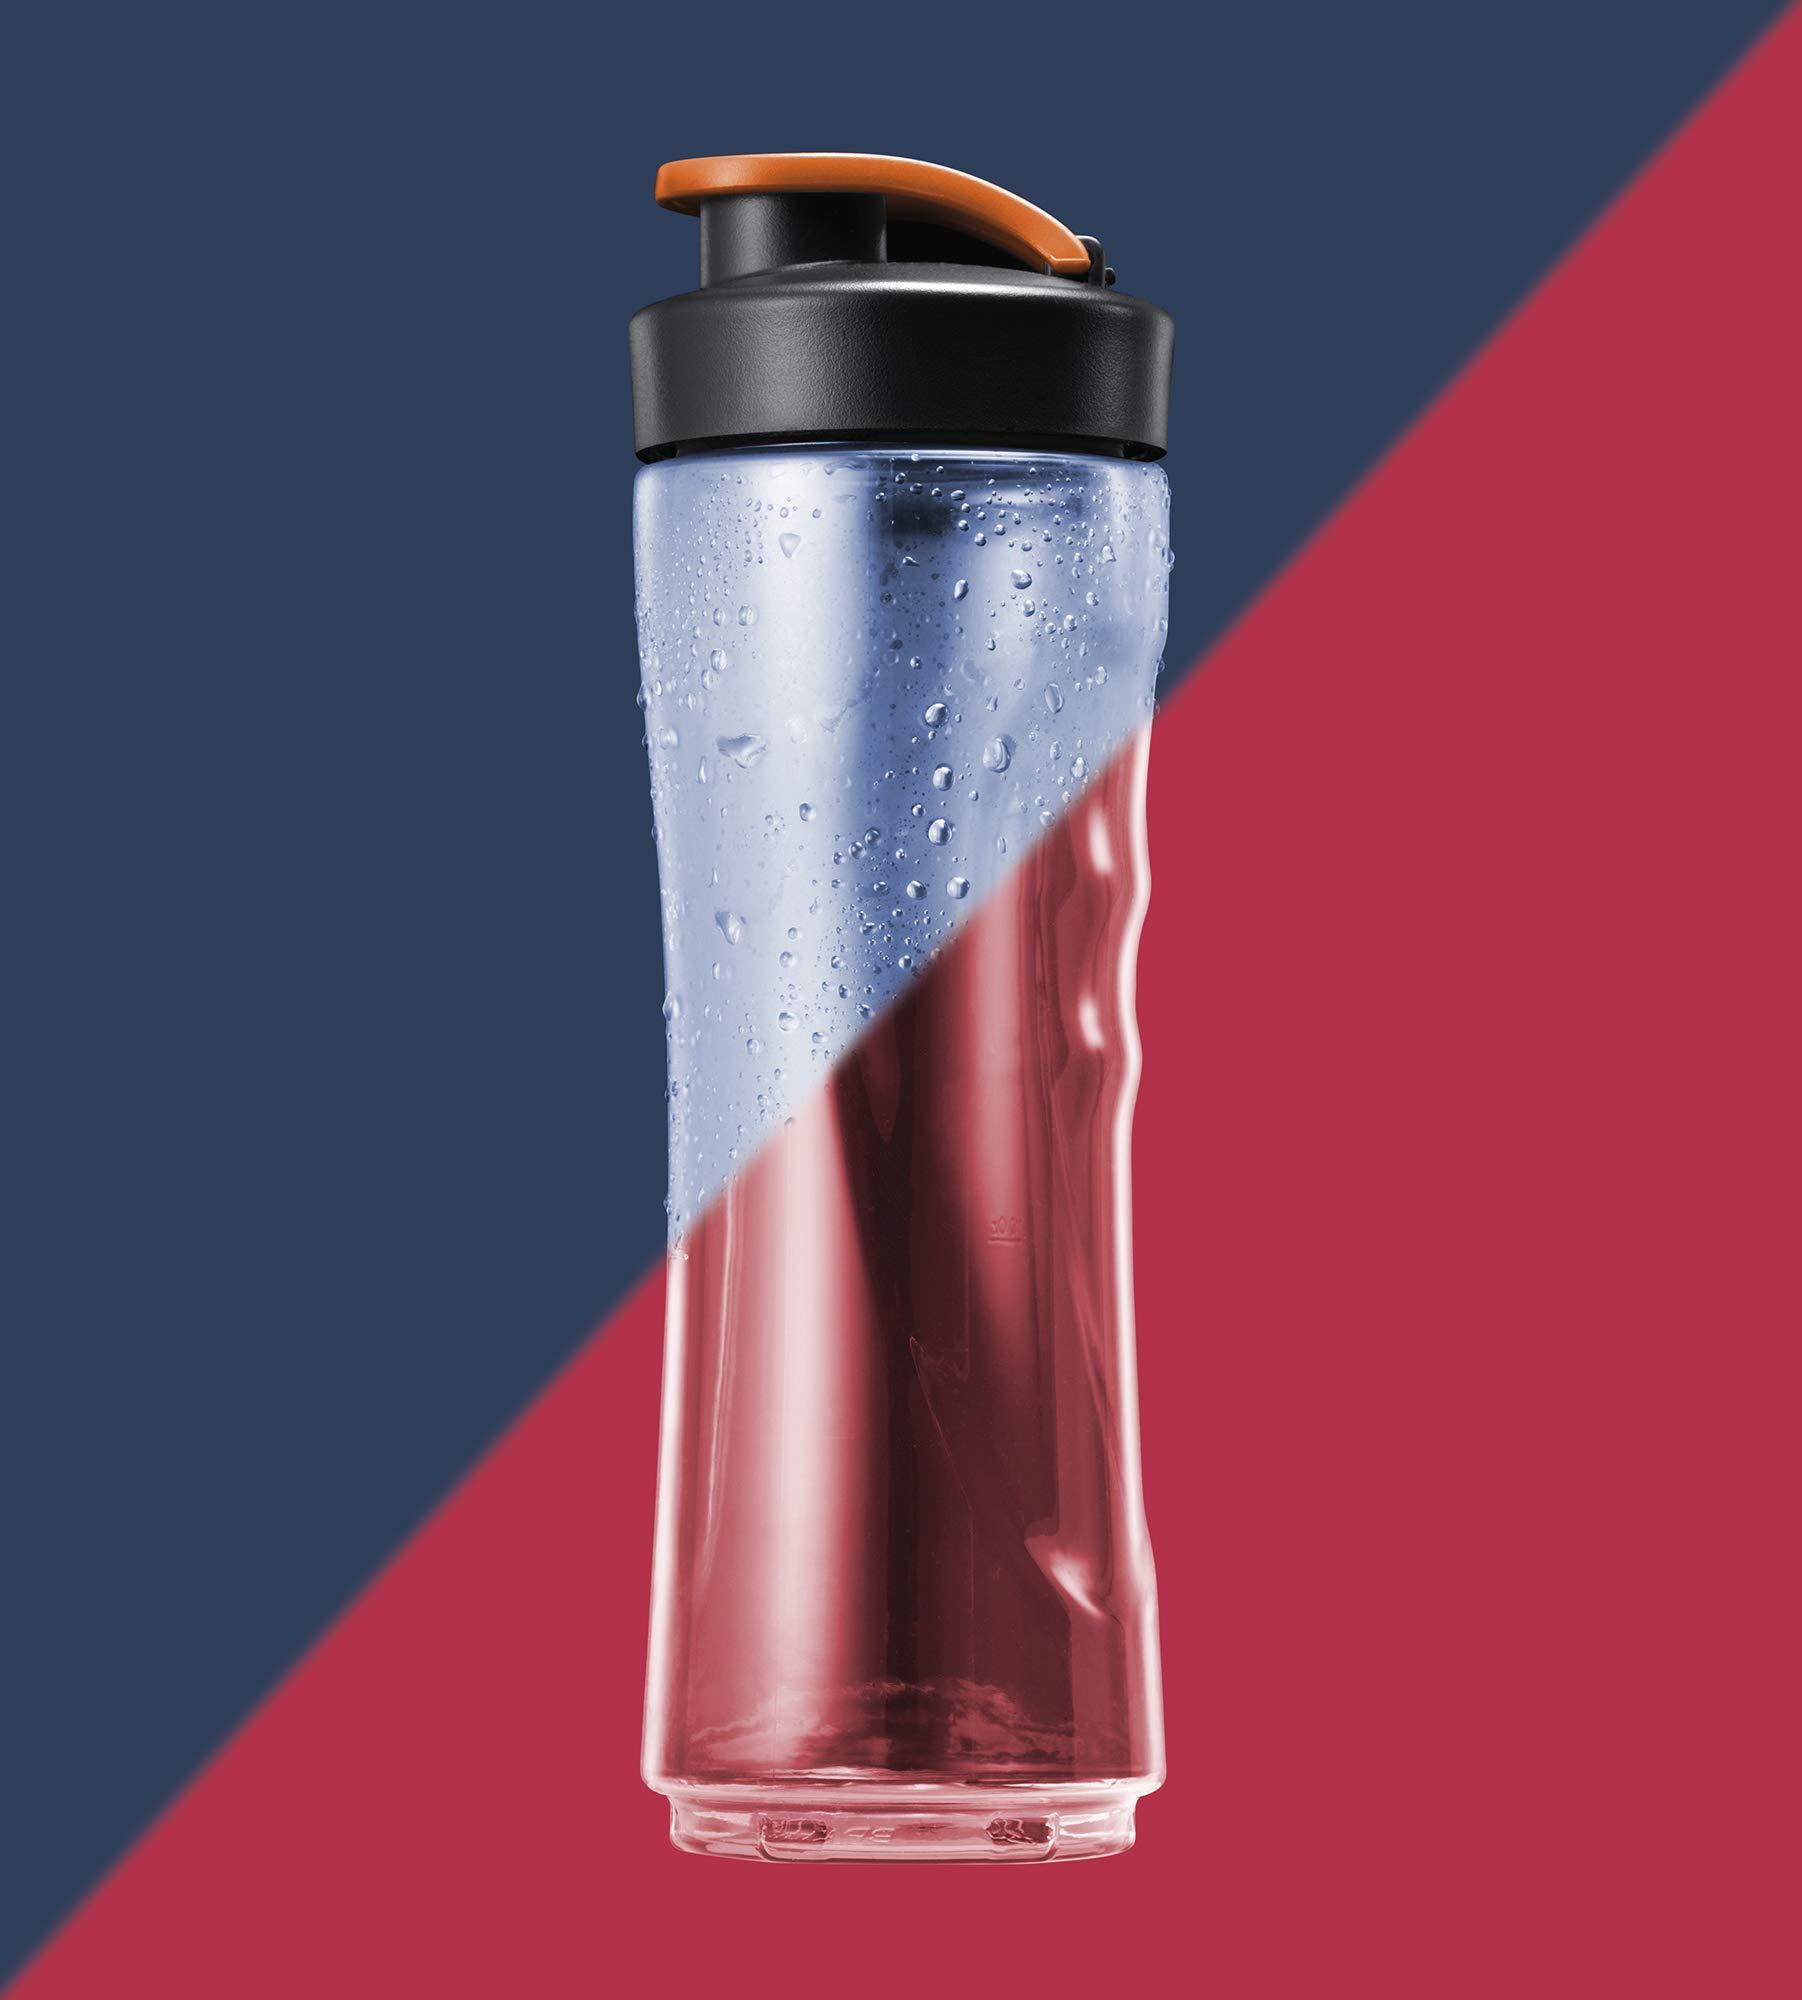 AEG-Standmixer-SB2500-300-Watt-2-x-06l-transparente-skalierte-splmaschinenfeste-Tritan-Trinkflaschen-Klte-und-hitzebestndig-Smoothies-Bowls-Sorbets-EdelstahlSchwarz